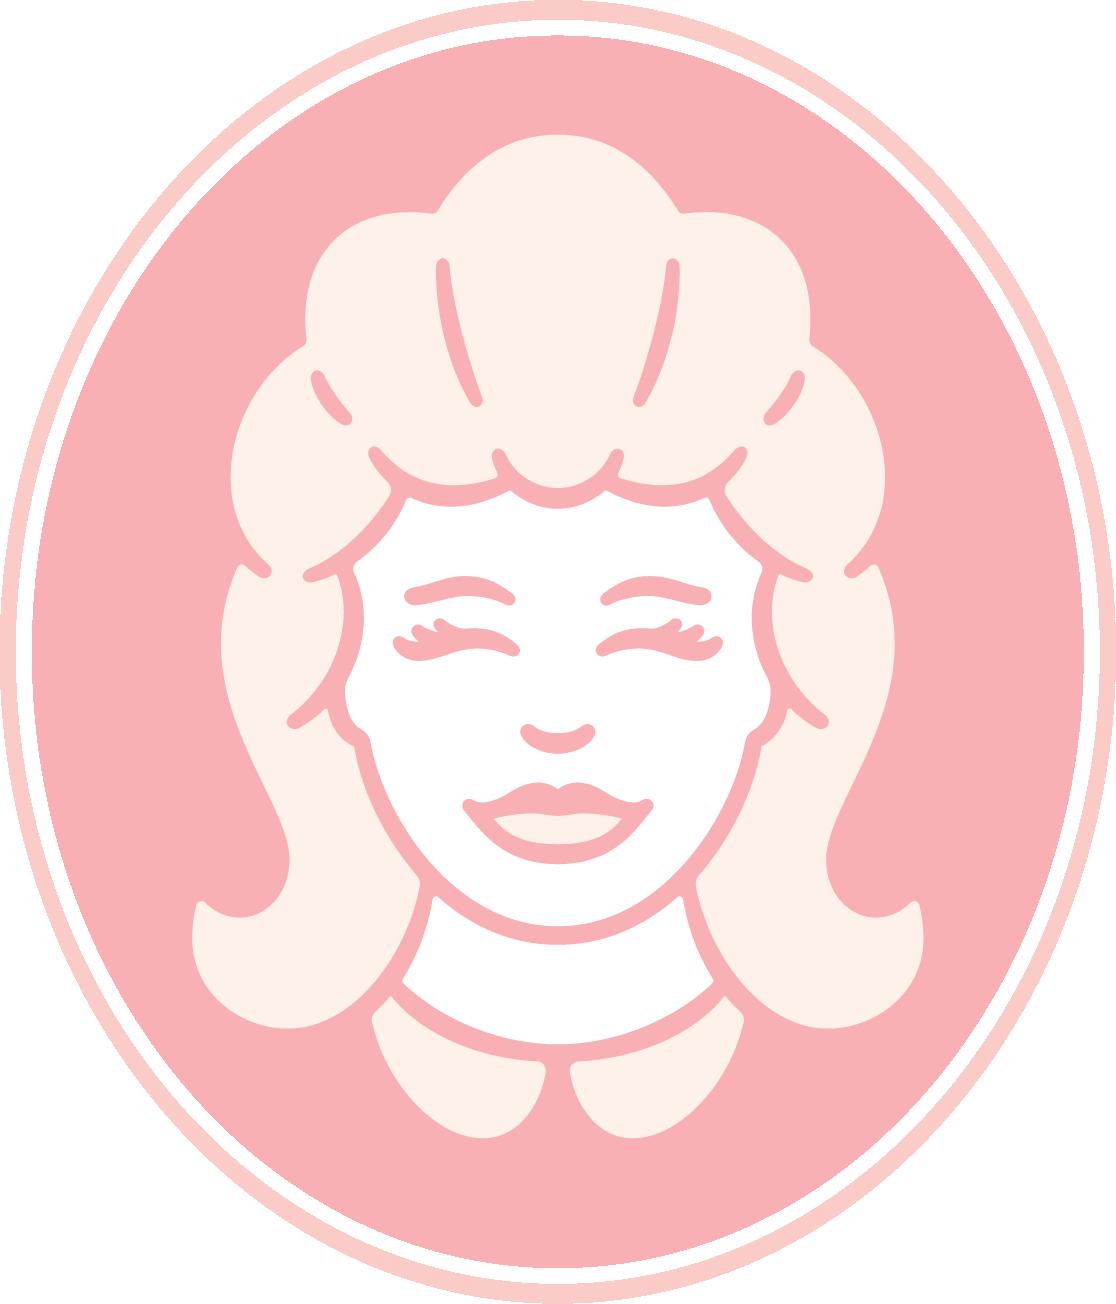 Bouffant Icon